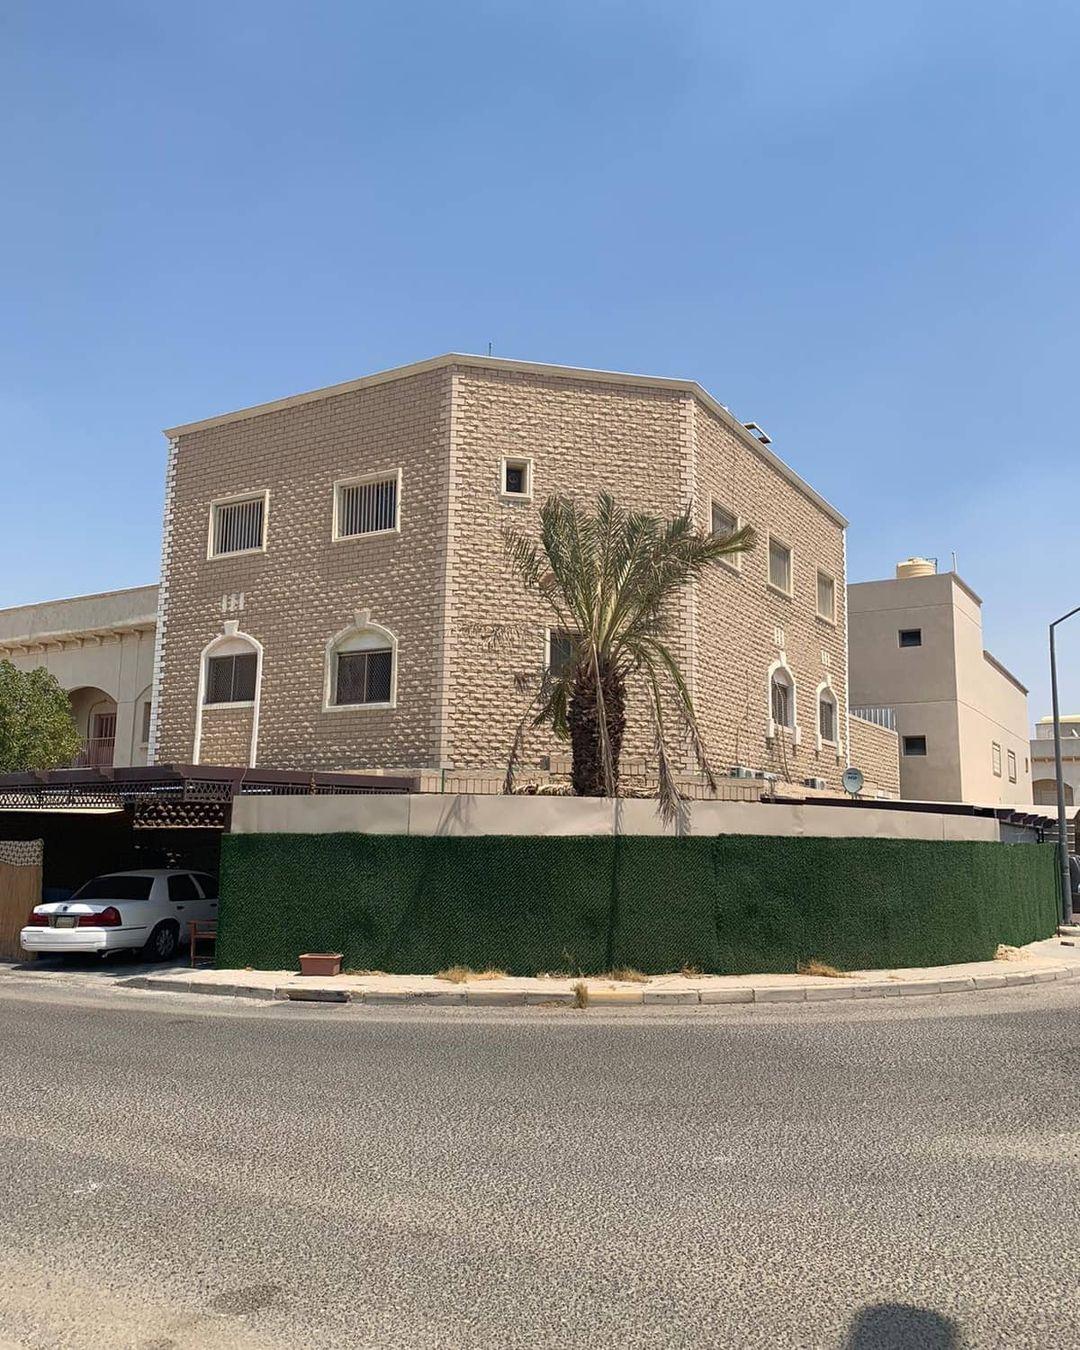 للبيع بيت حكومي بسعد العبدالله زاويه